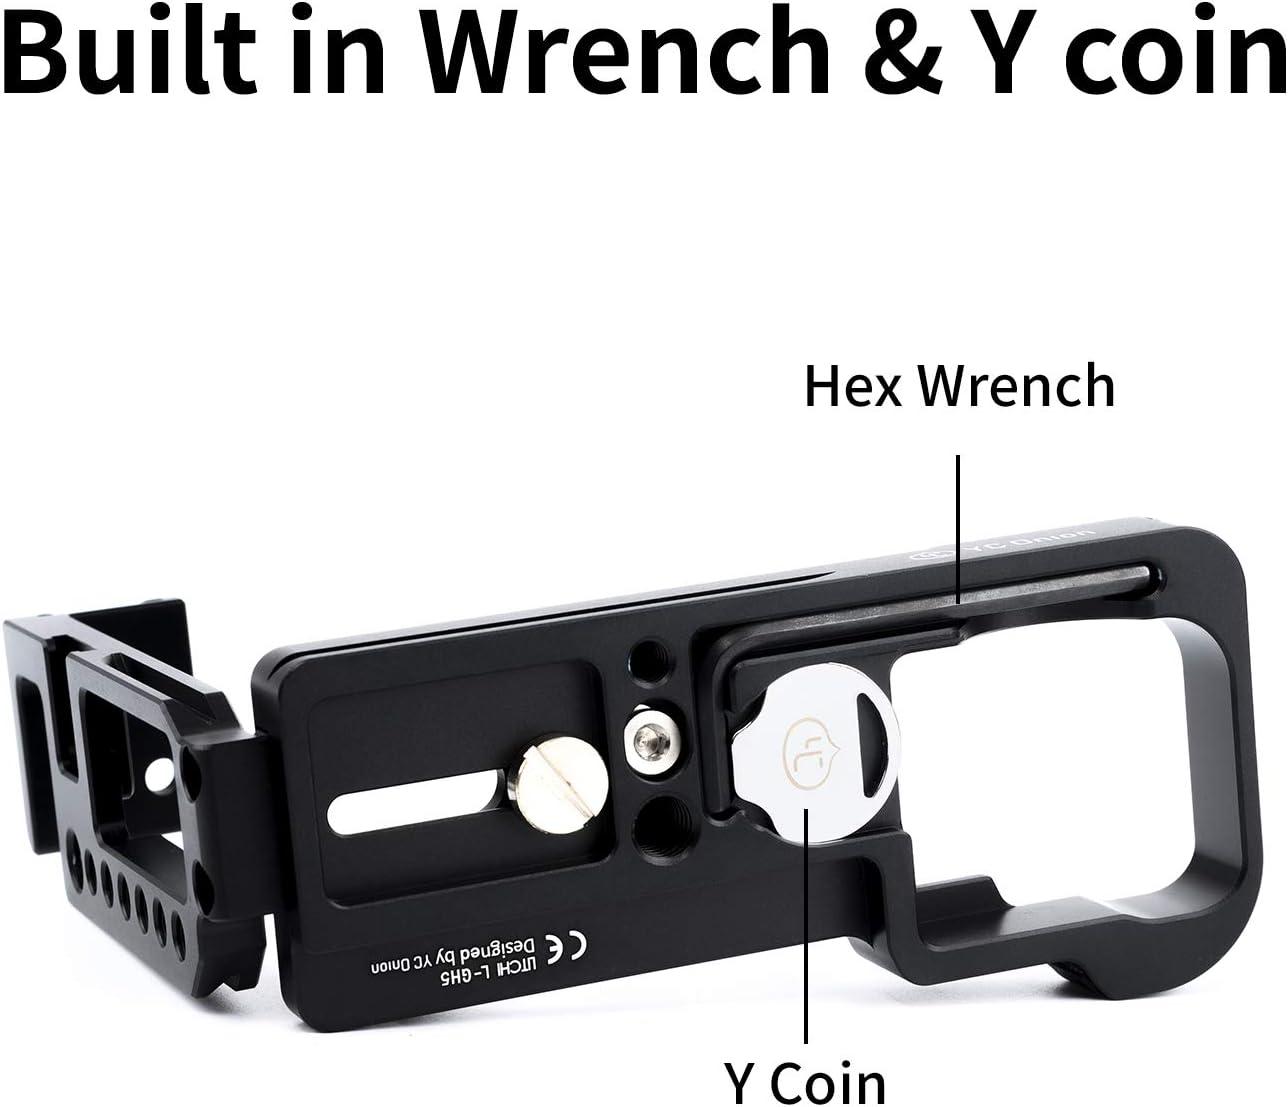 per Panasonic GH5//GH5S, Nero Staffa per fotocamera L Piastra a forma di L per Panasonic GH5 GH5S con piastra Arca Swiss a sgancio rapido Lega di alluminio Nero opaco di YC Onion